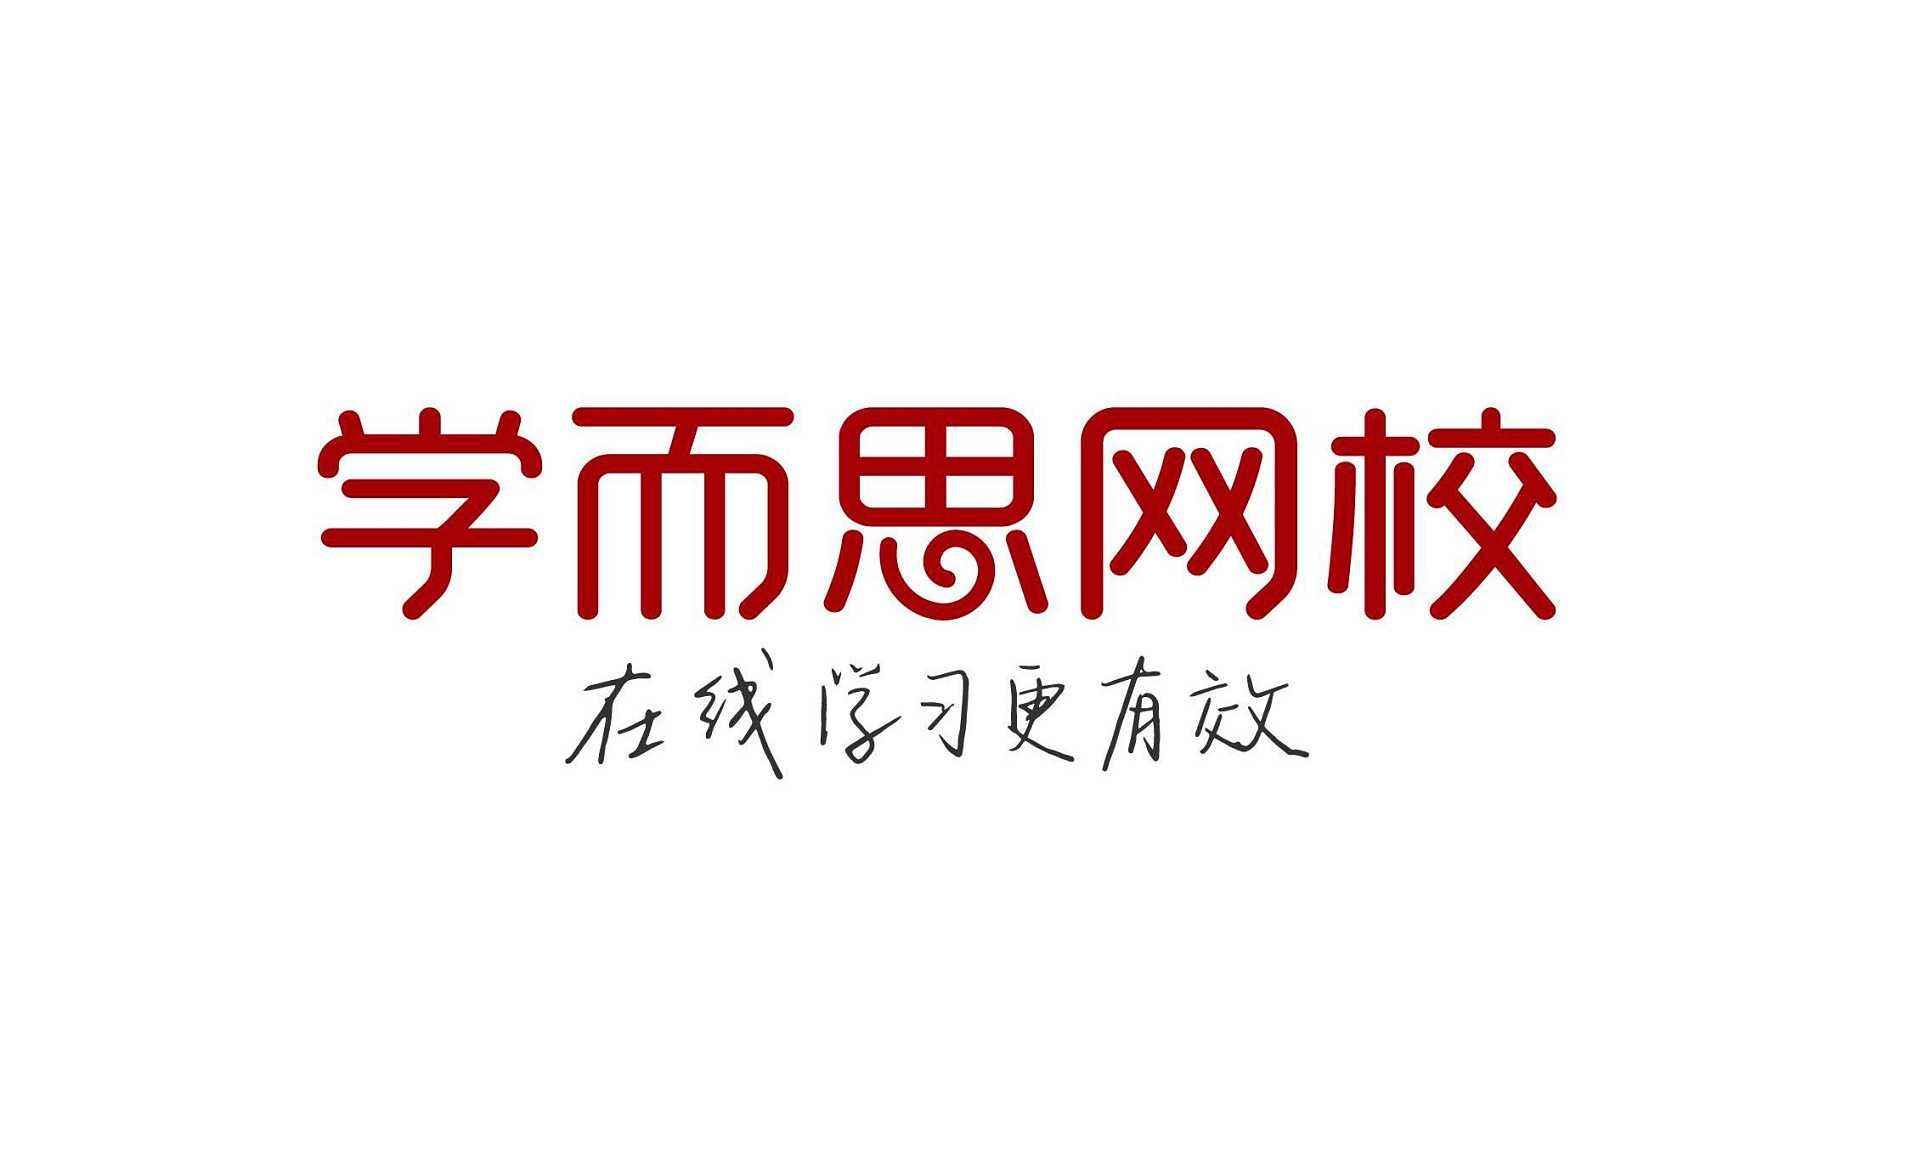 """山寨品牌玩过火—""""学而思""""状告""""思而学""""获赔30万"""